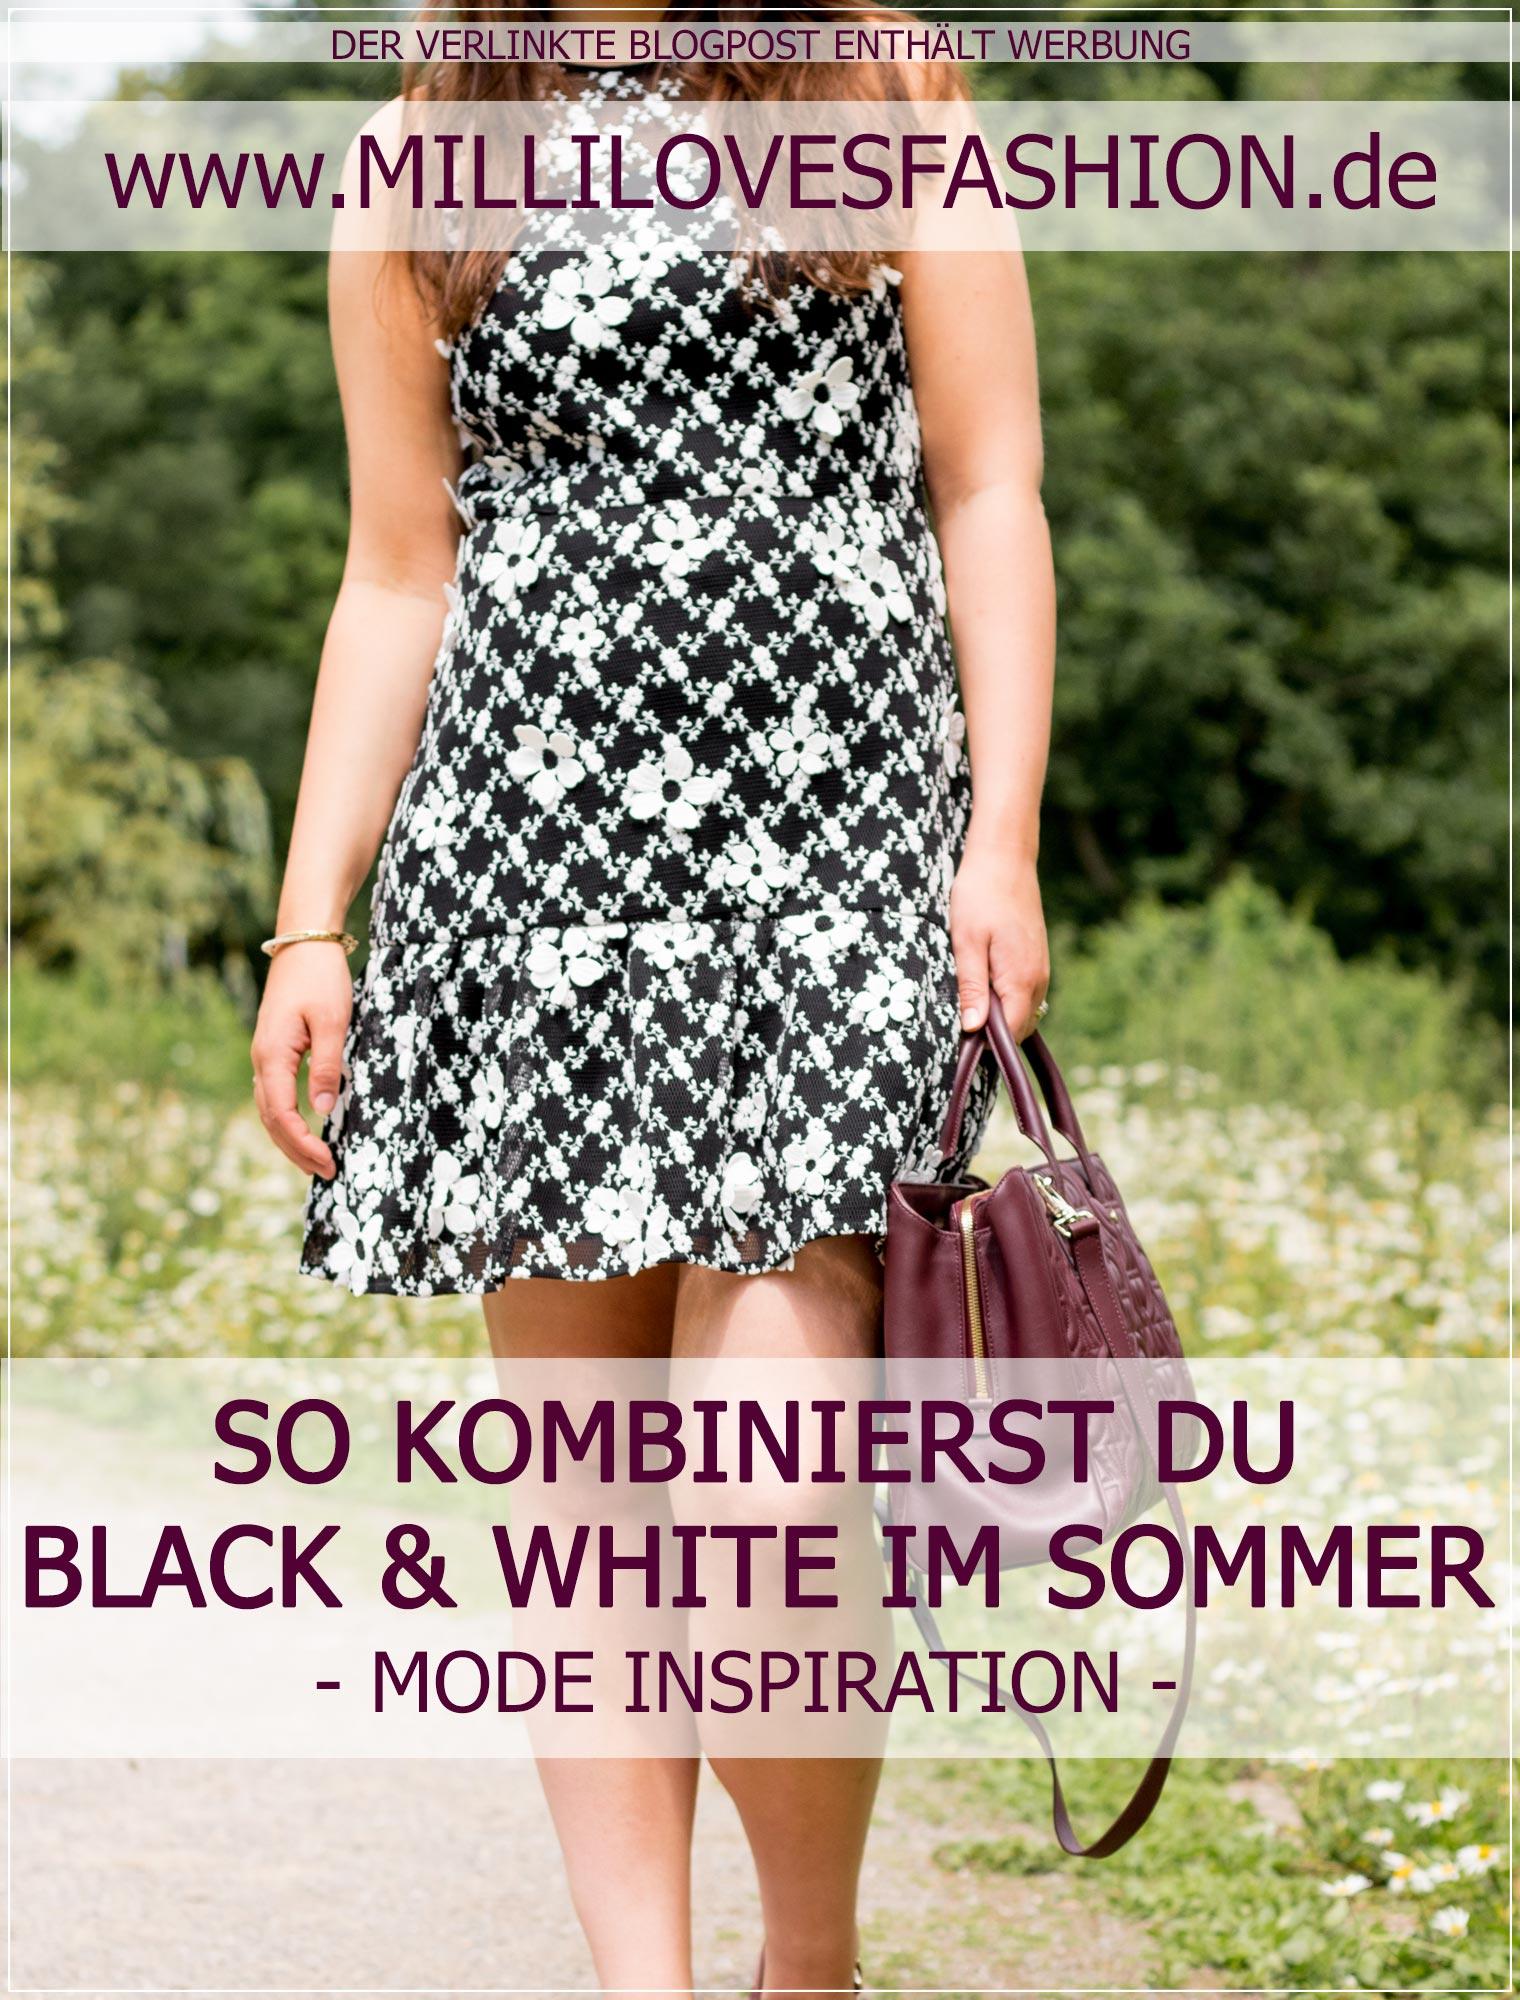 Ein eleganter Sommerlook mit einem Sommerkleid in schwarz und weiß mit weinroten Akzenten